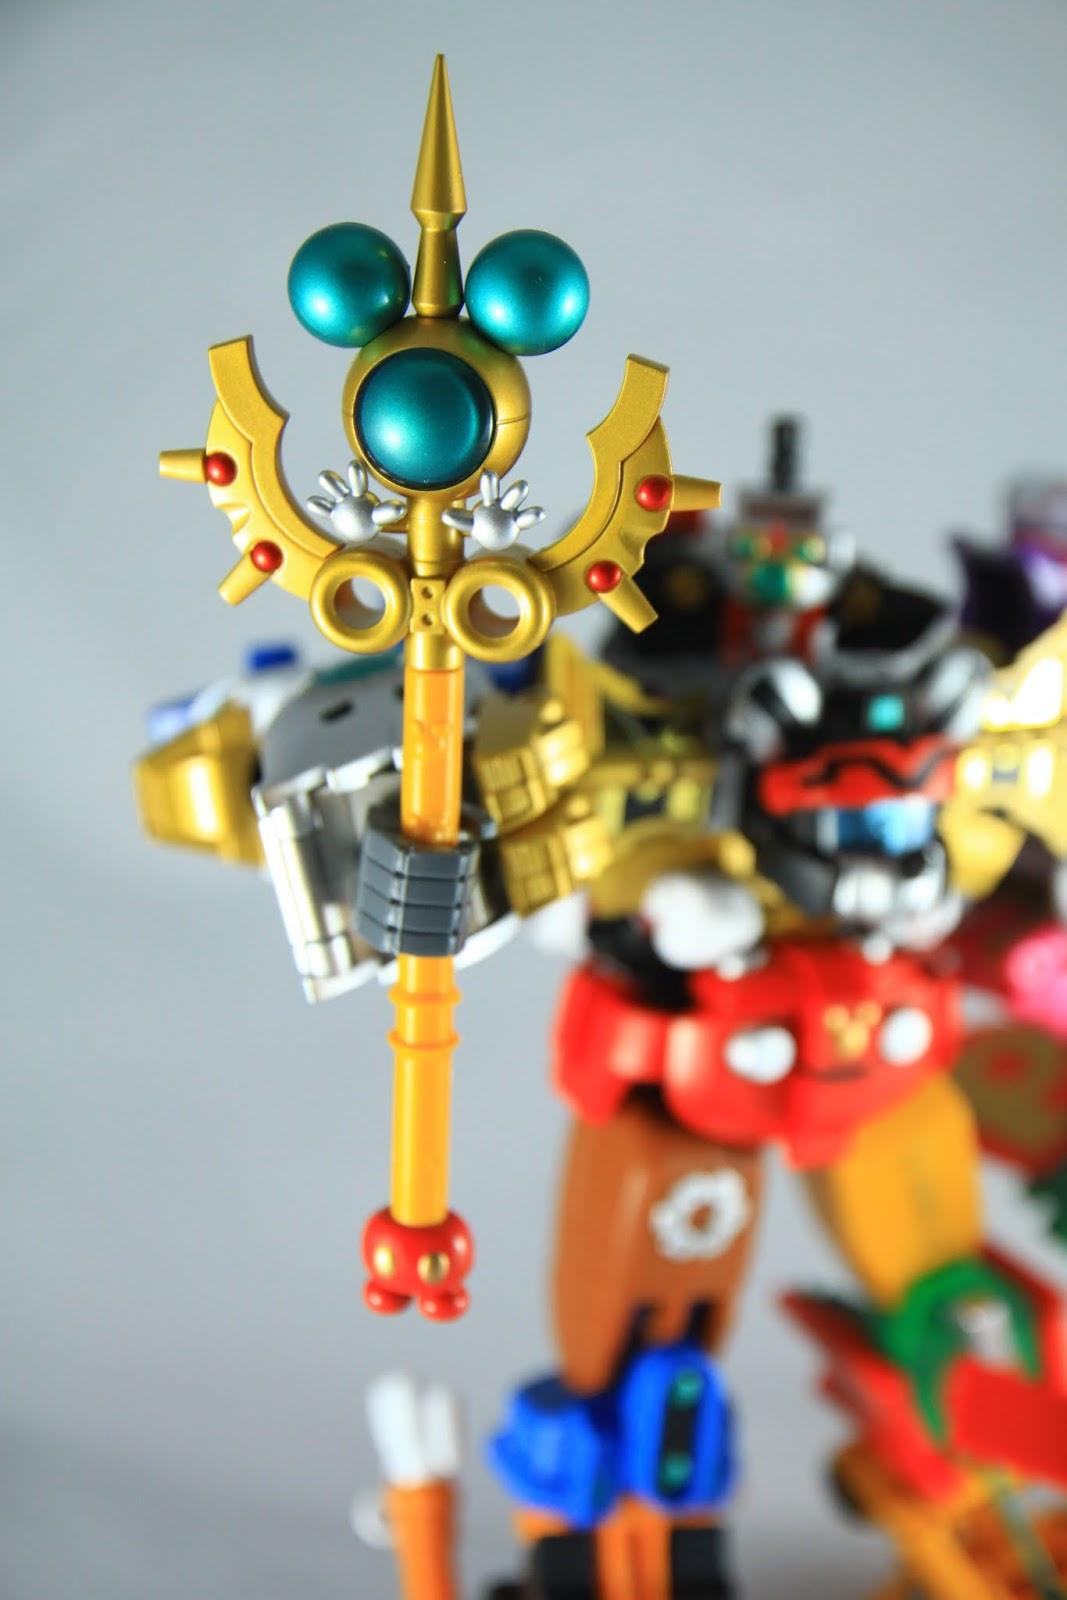 """武器- Dream Stick 就是一個米老鼠打開手跟你說""""挖喔~~~"""" 這樣"""